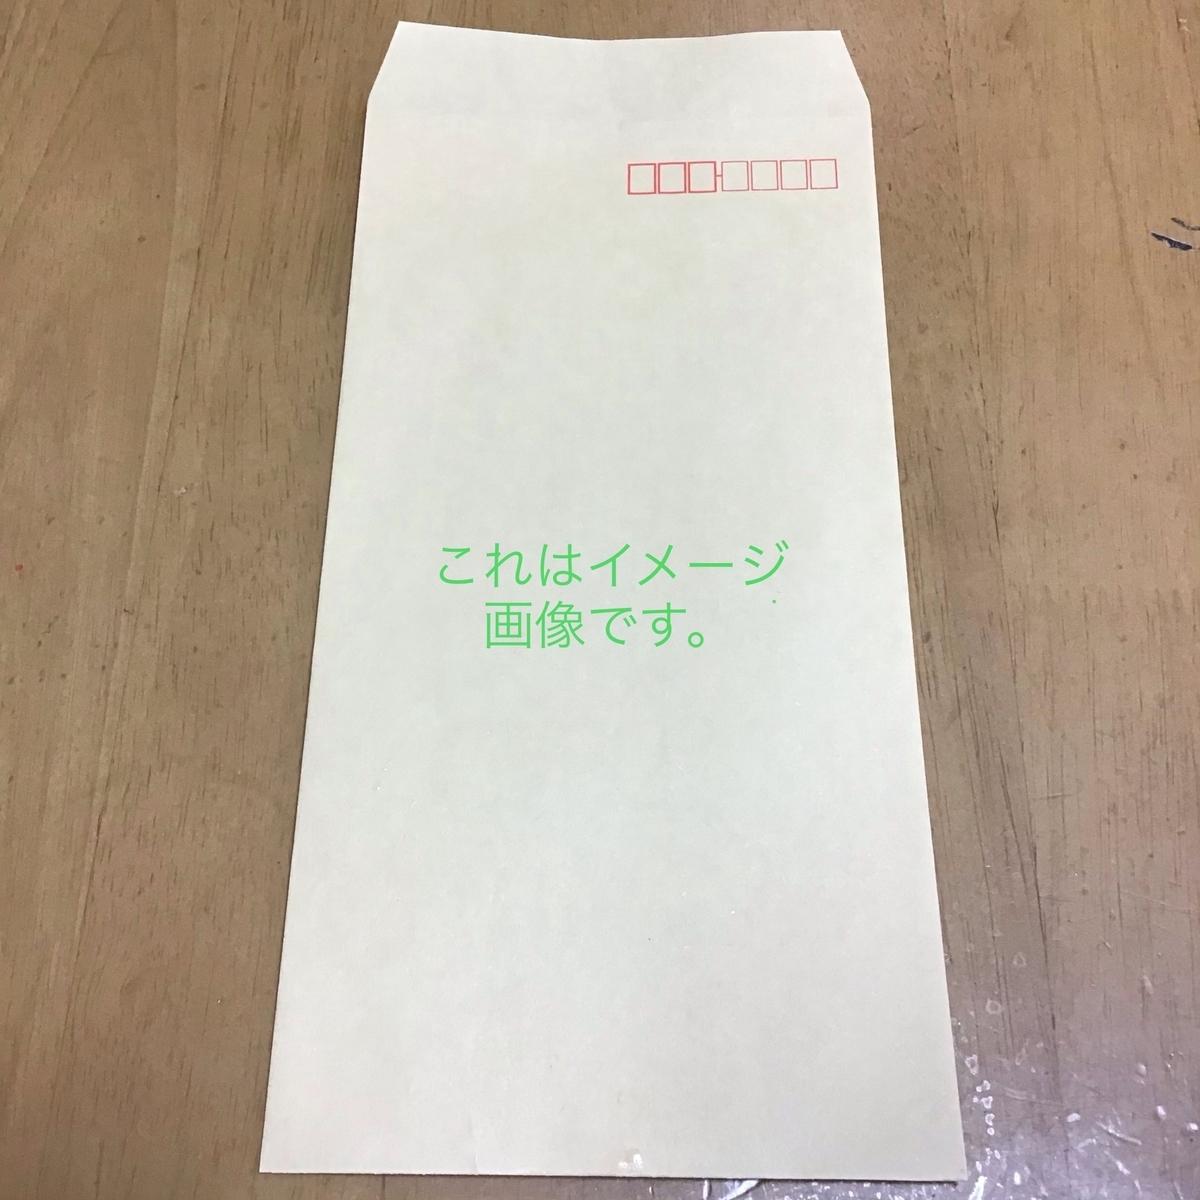 f:id:kintoreokan:20200210133630j:plain